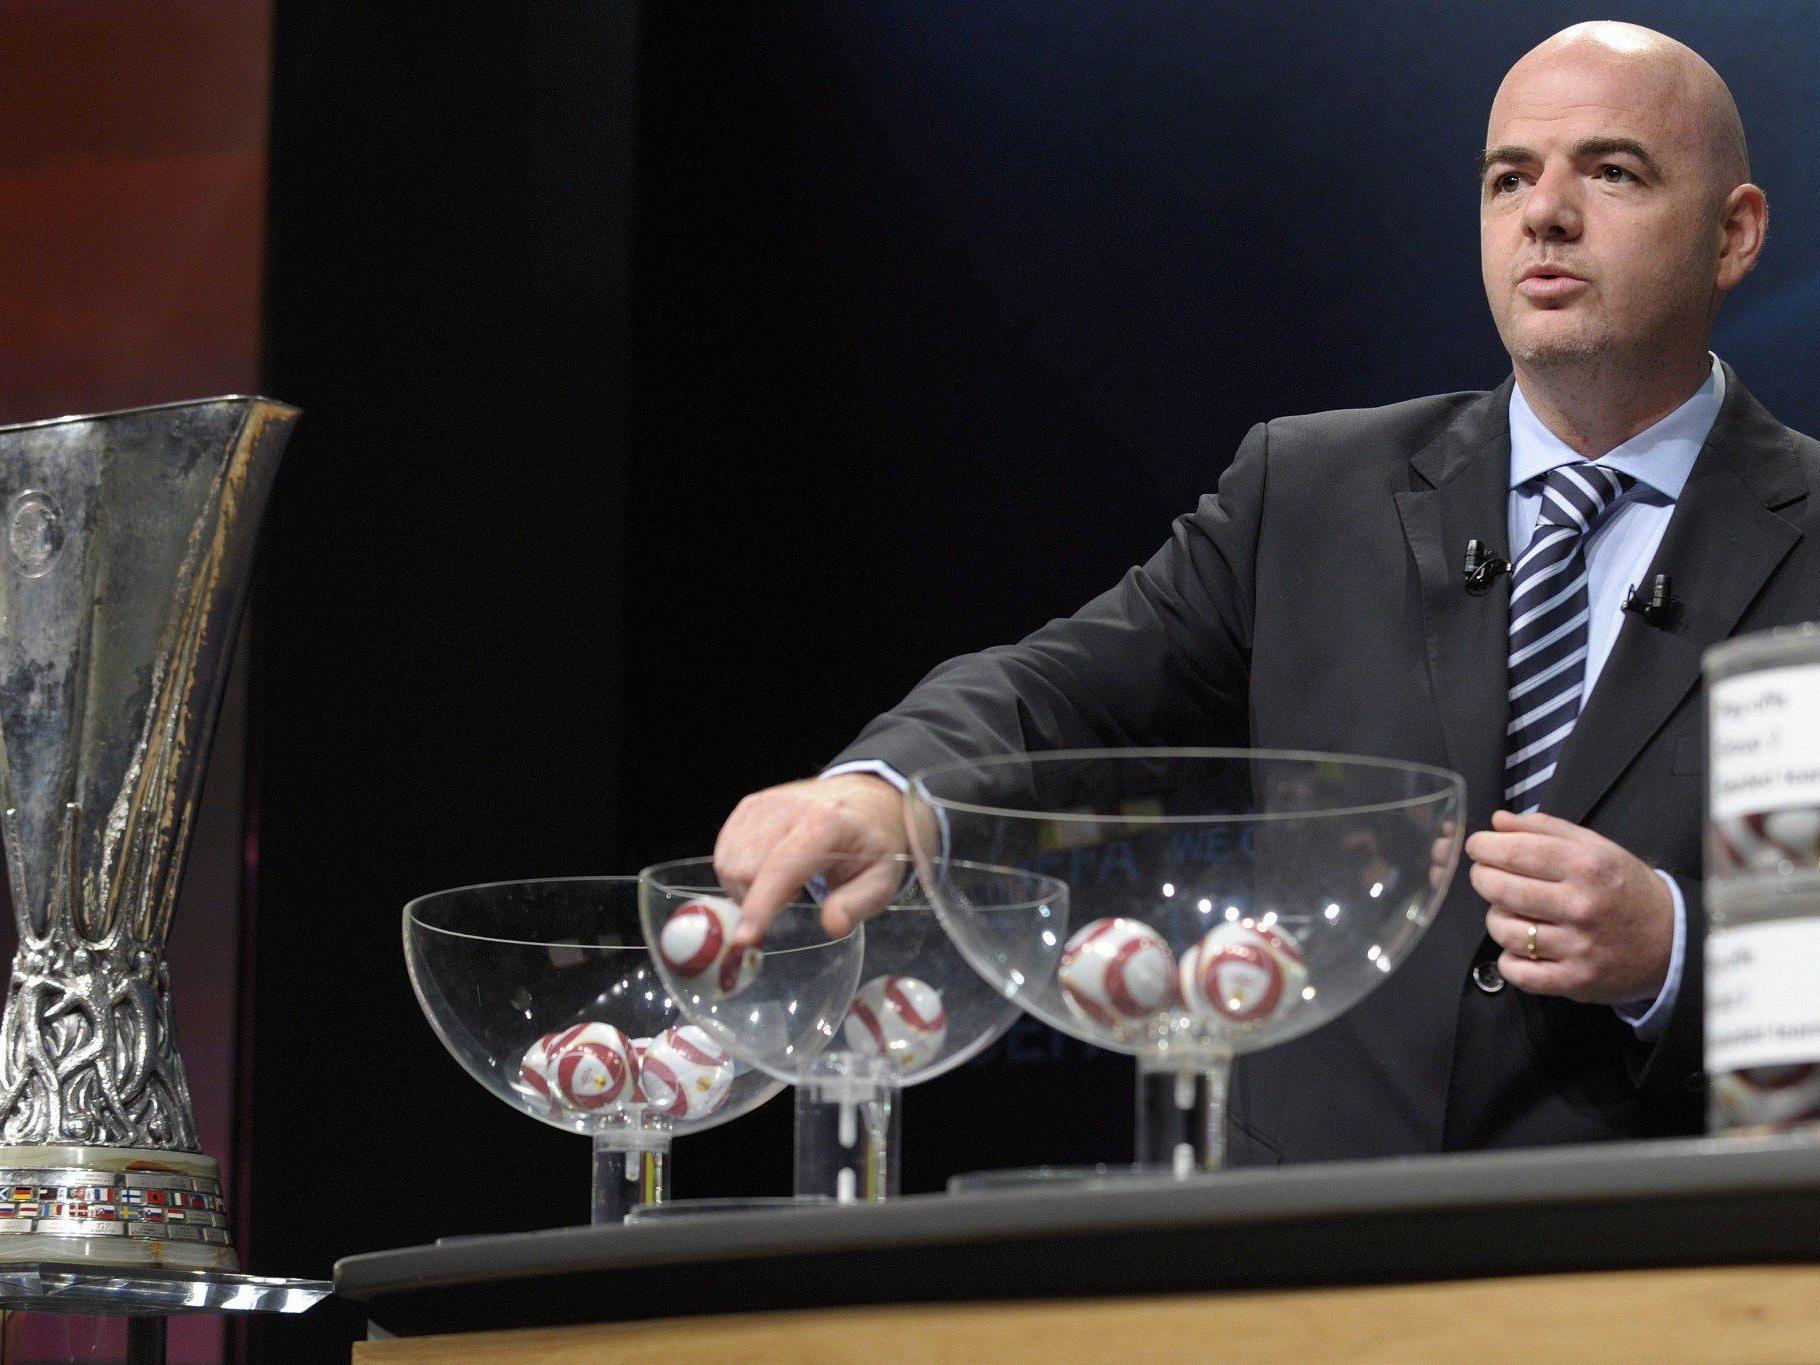 Am Freitag werden die Gruppen der Europa League ausgelost. Auf wen treffen Rapid Wien und Red Bull Salzburg?